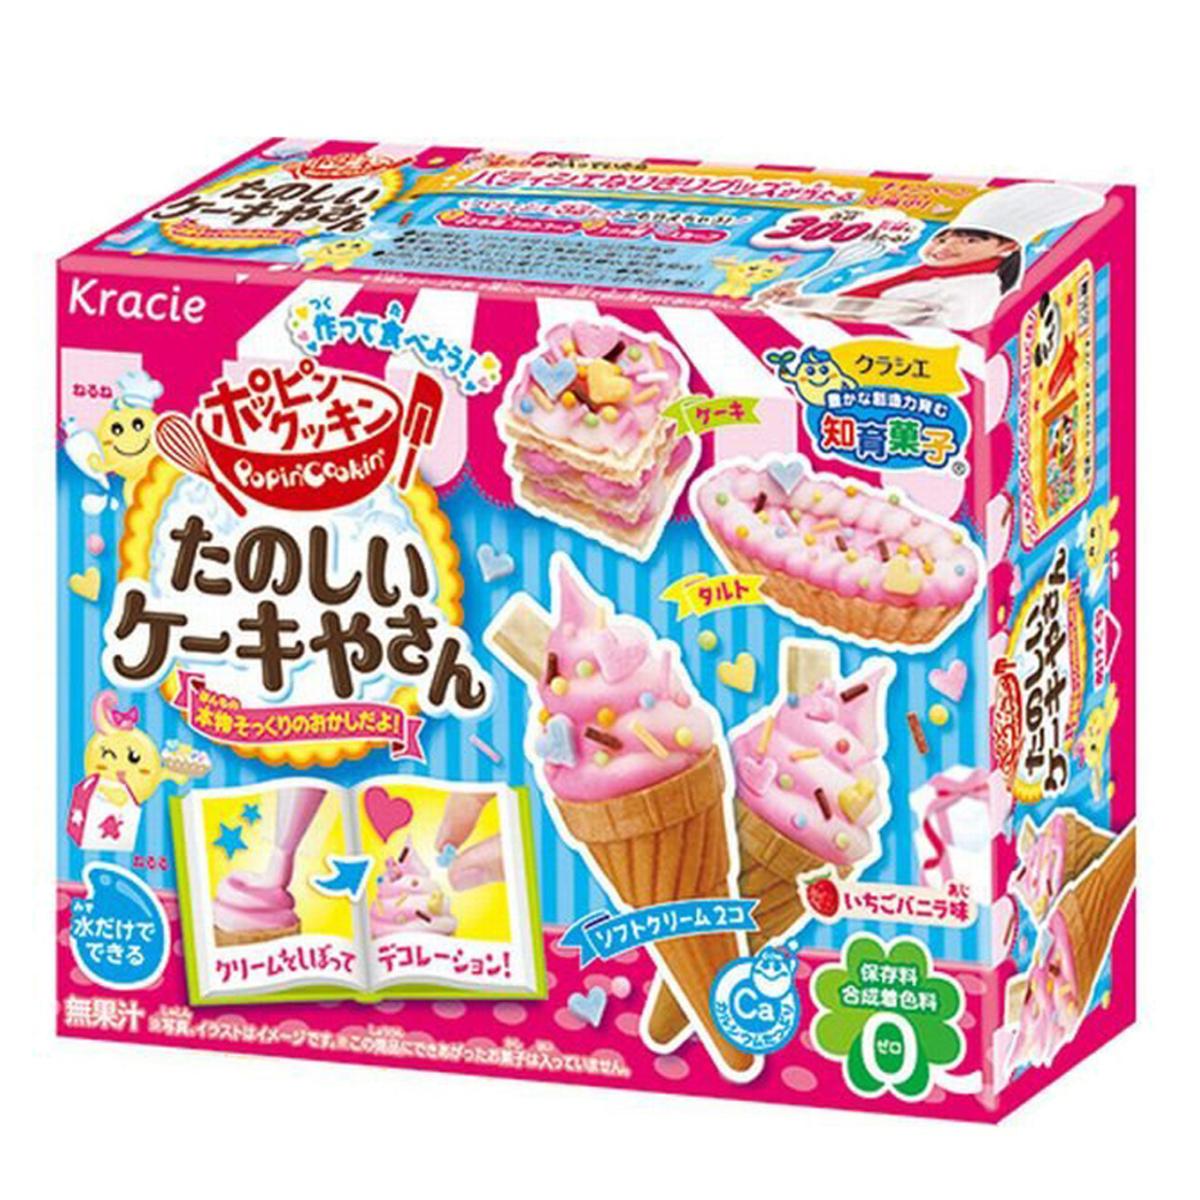 食玩 手工DIY 知育果子 冰淇淋 26g